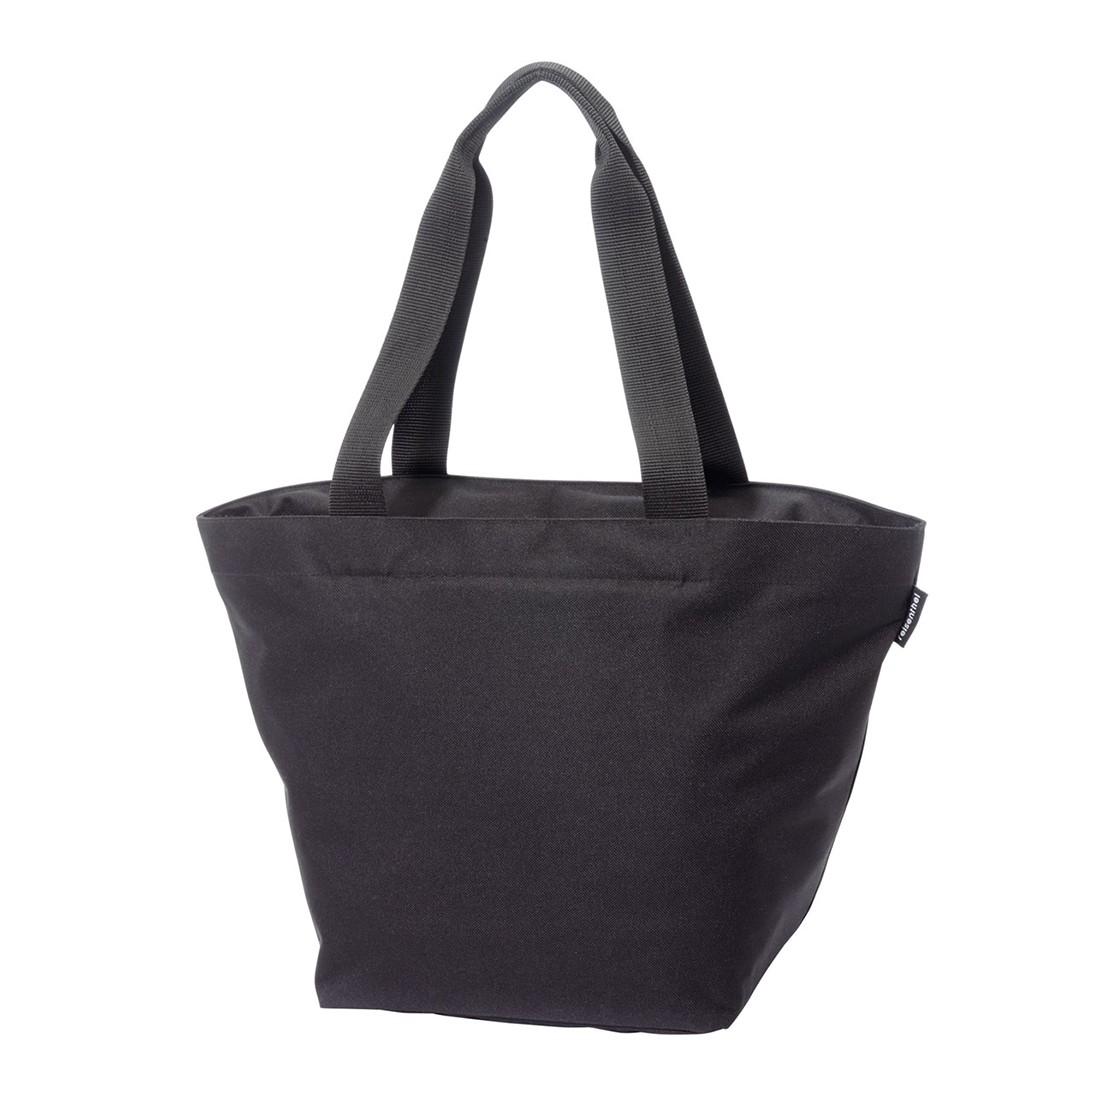 Shopper M Schwarz – Strapazierfähiges Polyestergewebe Schwarz, Reisenthel Accessoires jetzt kaufen